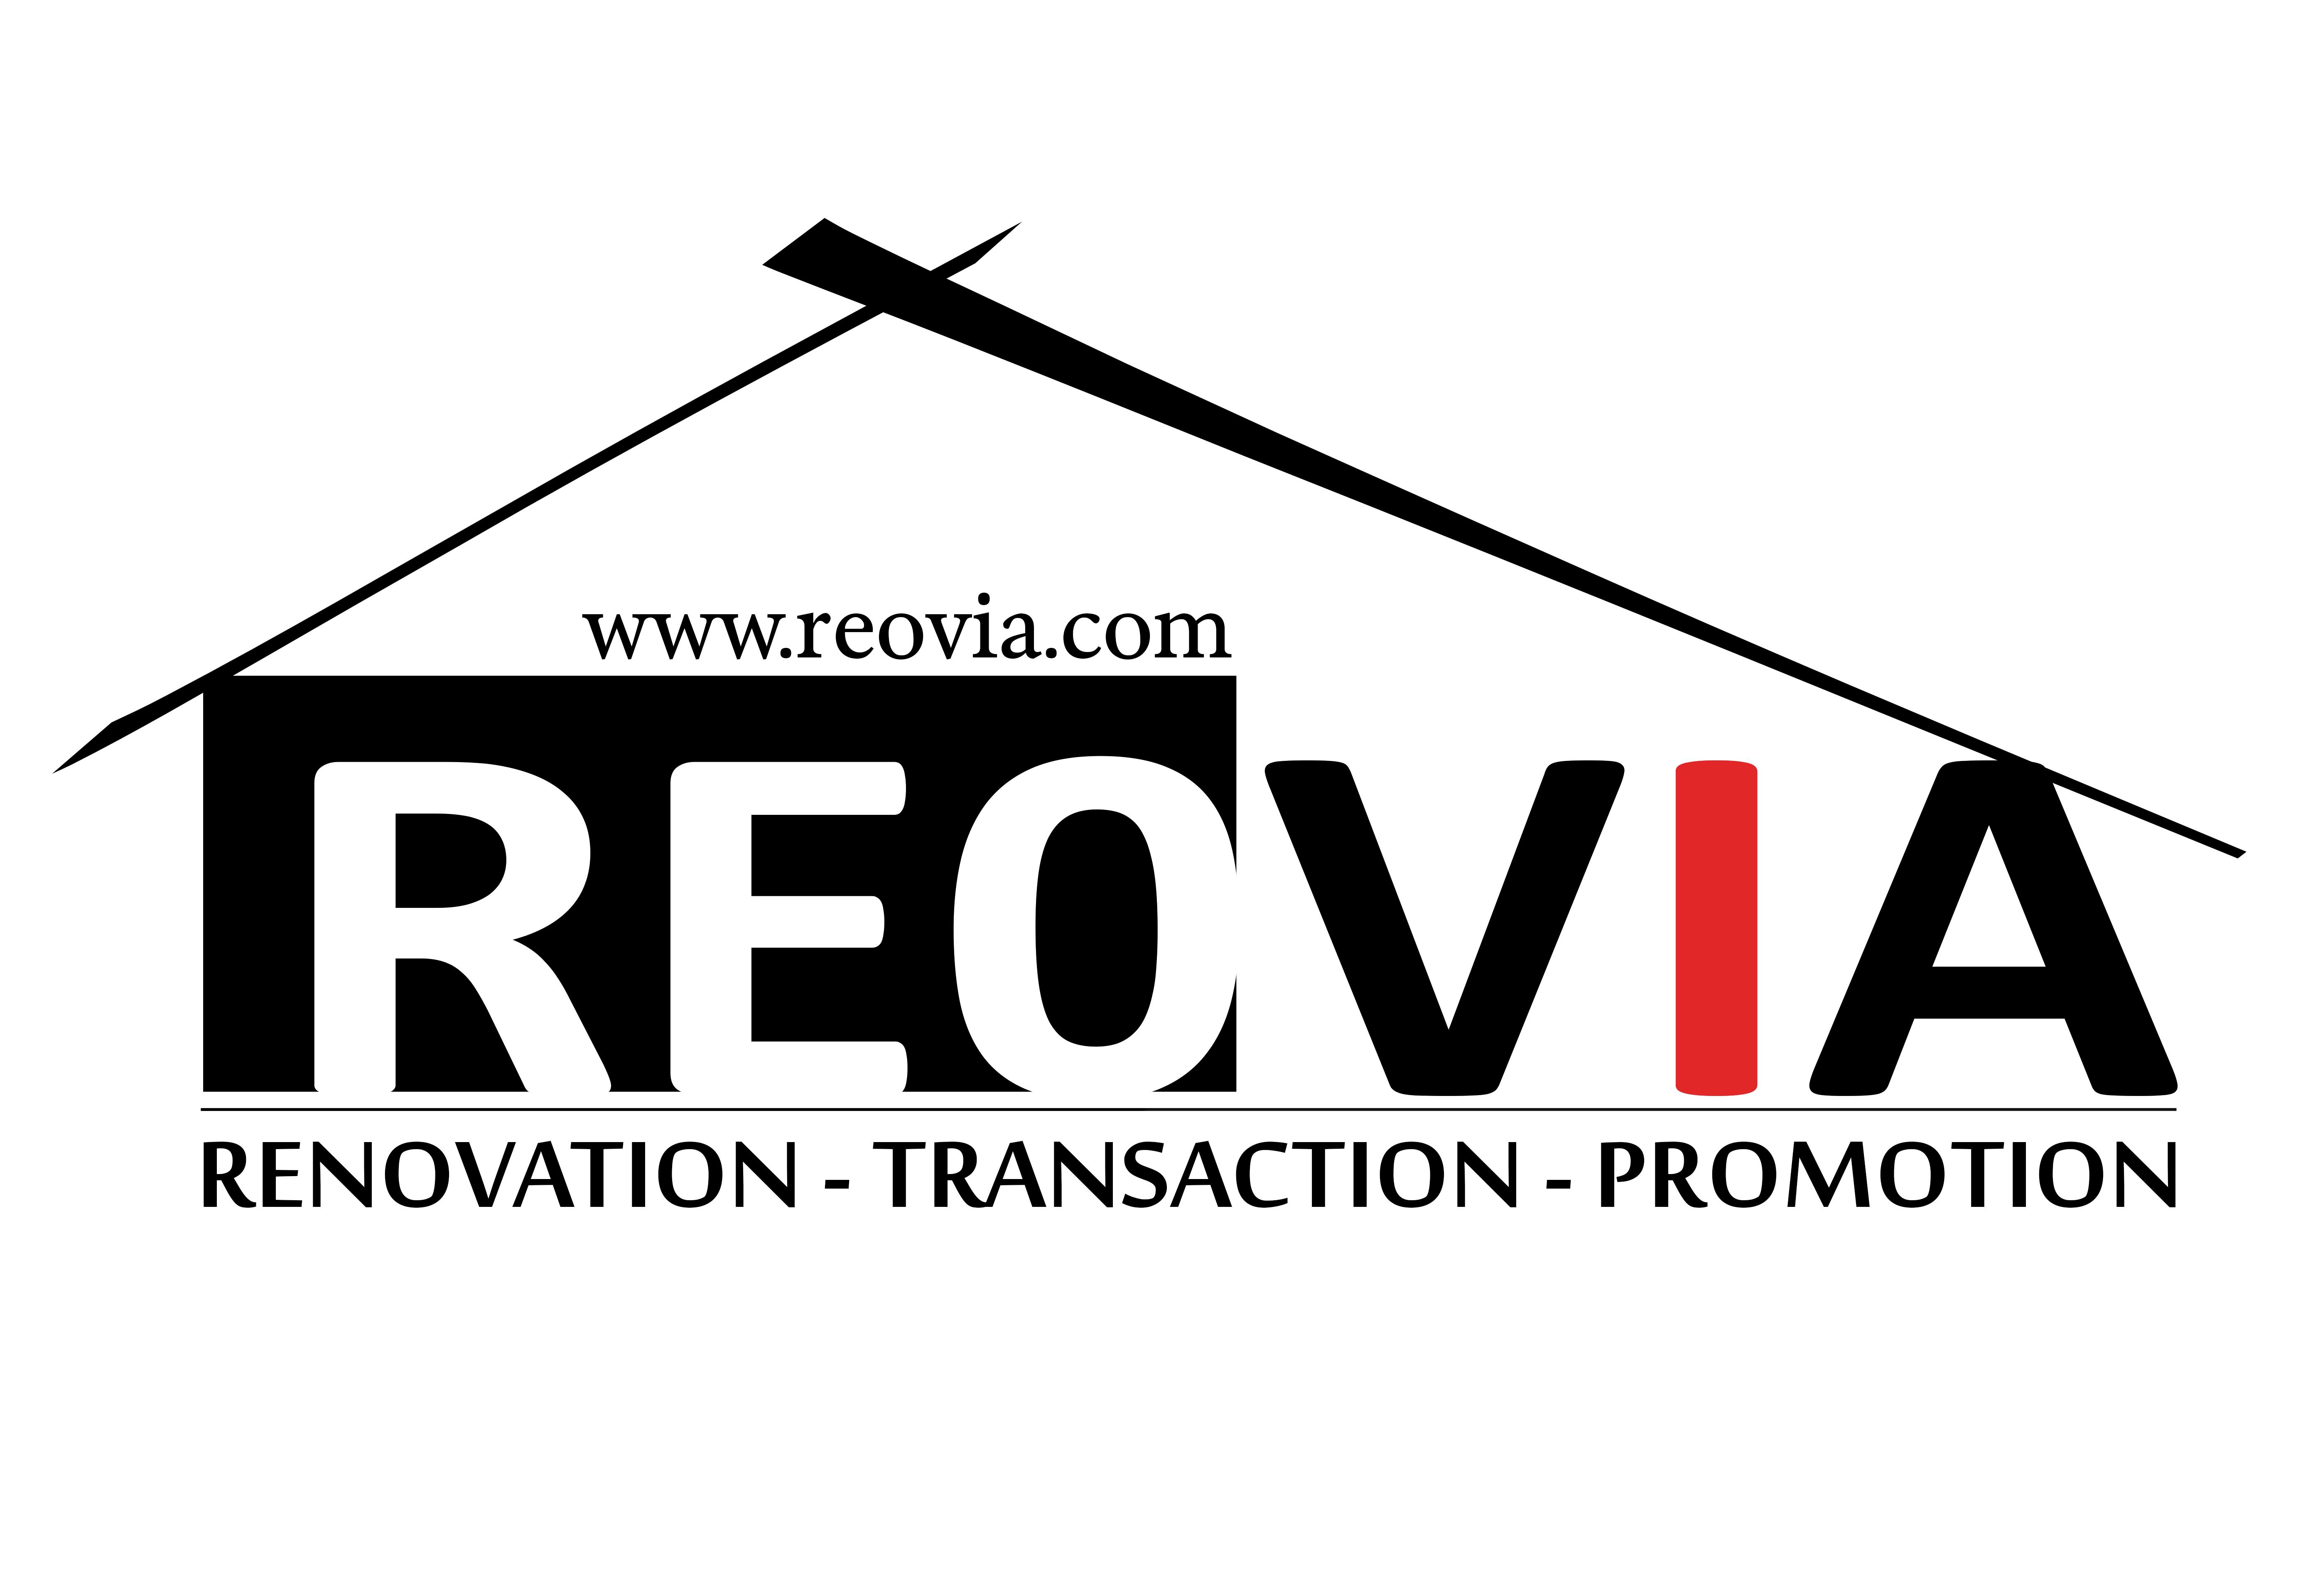 Réovia Immobilier